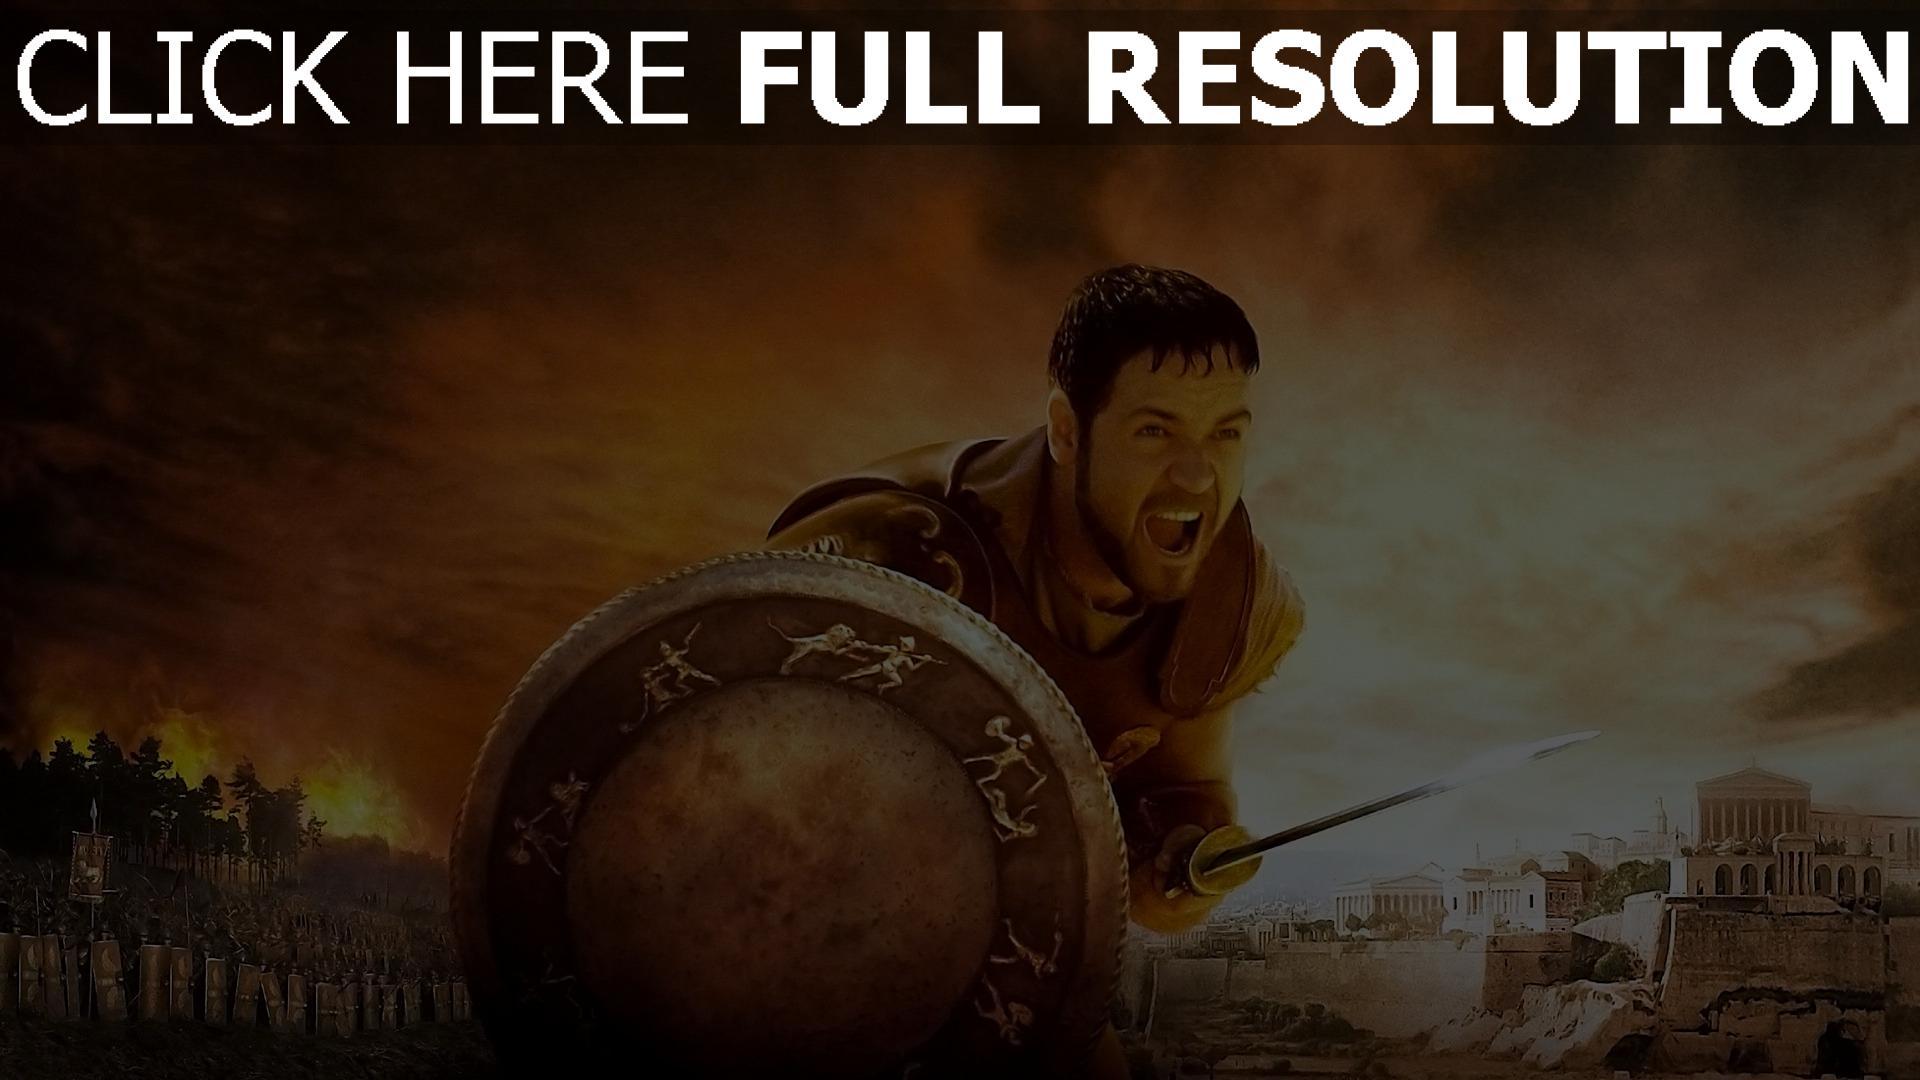 fond d'ecran gratuit gladiator